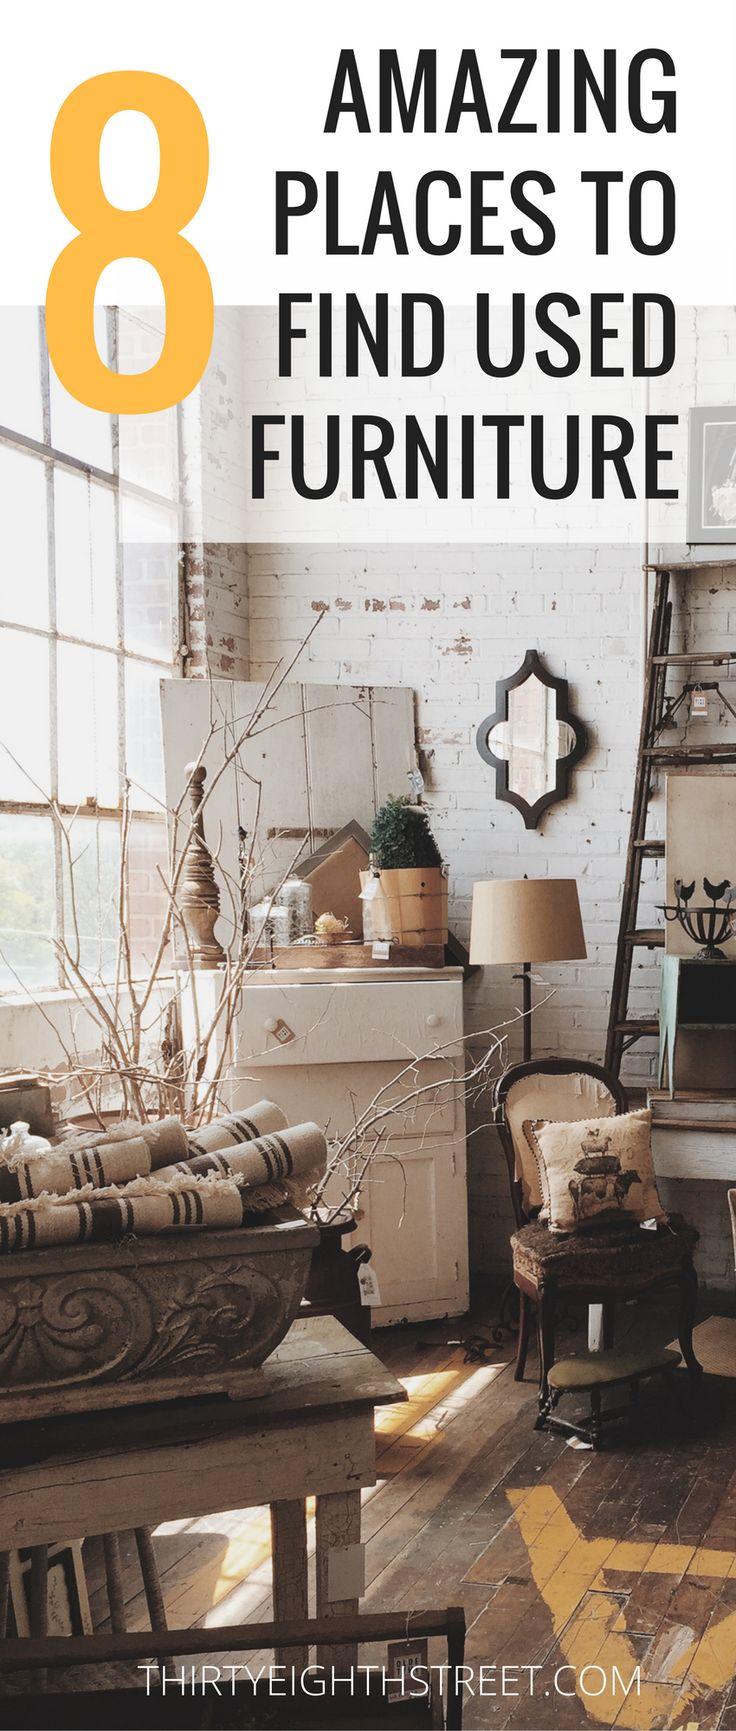 Best 25+ Flip Furniture For Profit Ideas On Pinterest | Refurbished  Furniture, Diy Furniture Redo And Restoring Furniture